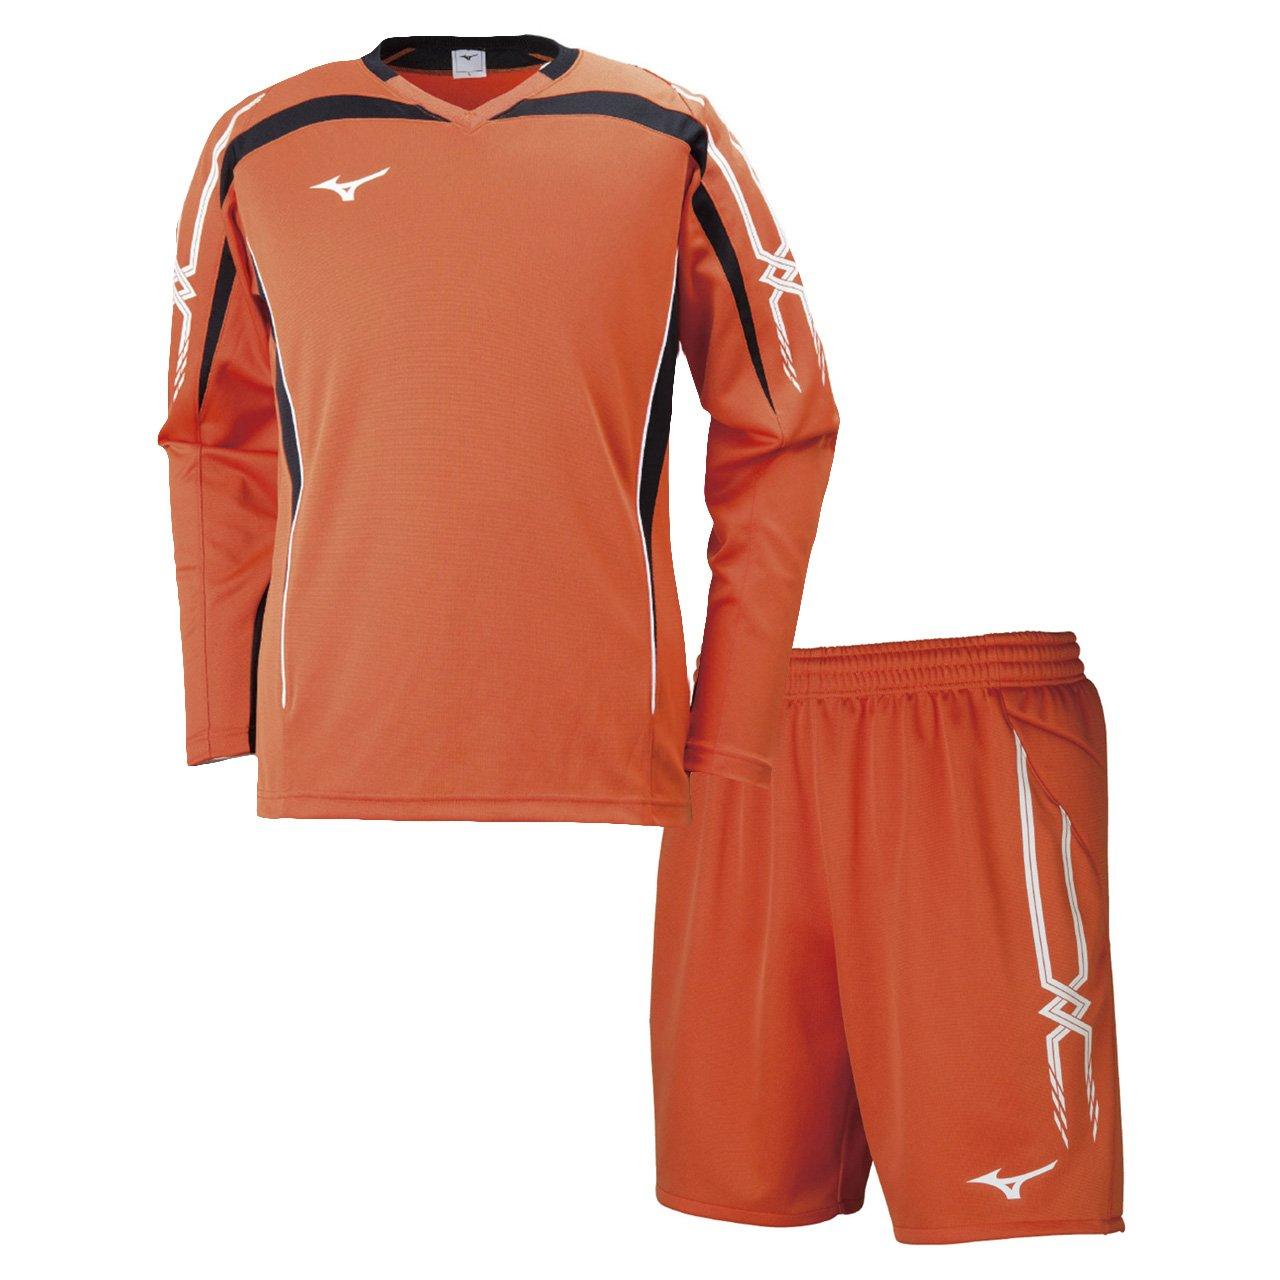 ミズノ(MIZUNO) キーパーシャツ&キーパーパンツ 上下セット(フレイムオレンジ/フレイムオレンジ) P2MA8070-54-P2MB8070-54 B079YYYS9Z XL|フレイムオレンジ フレイムオレンジ XL